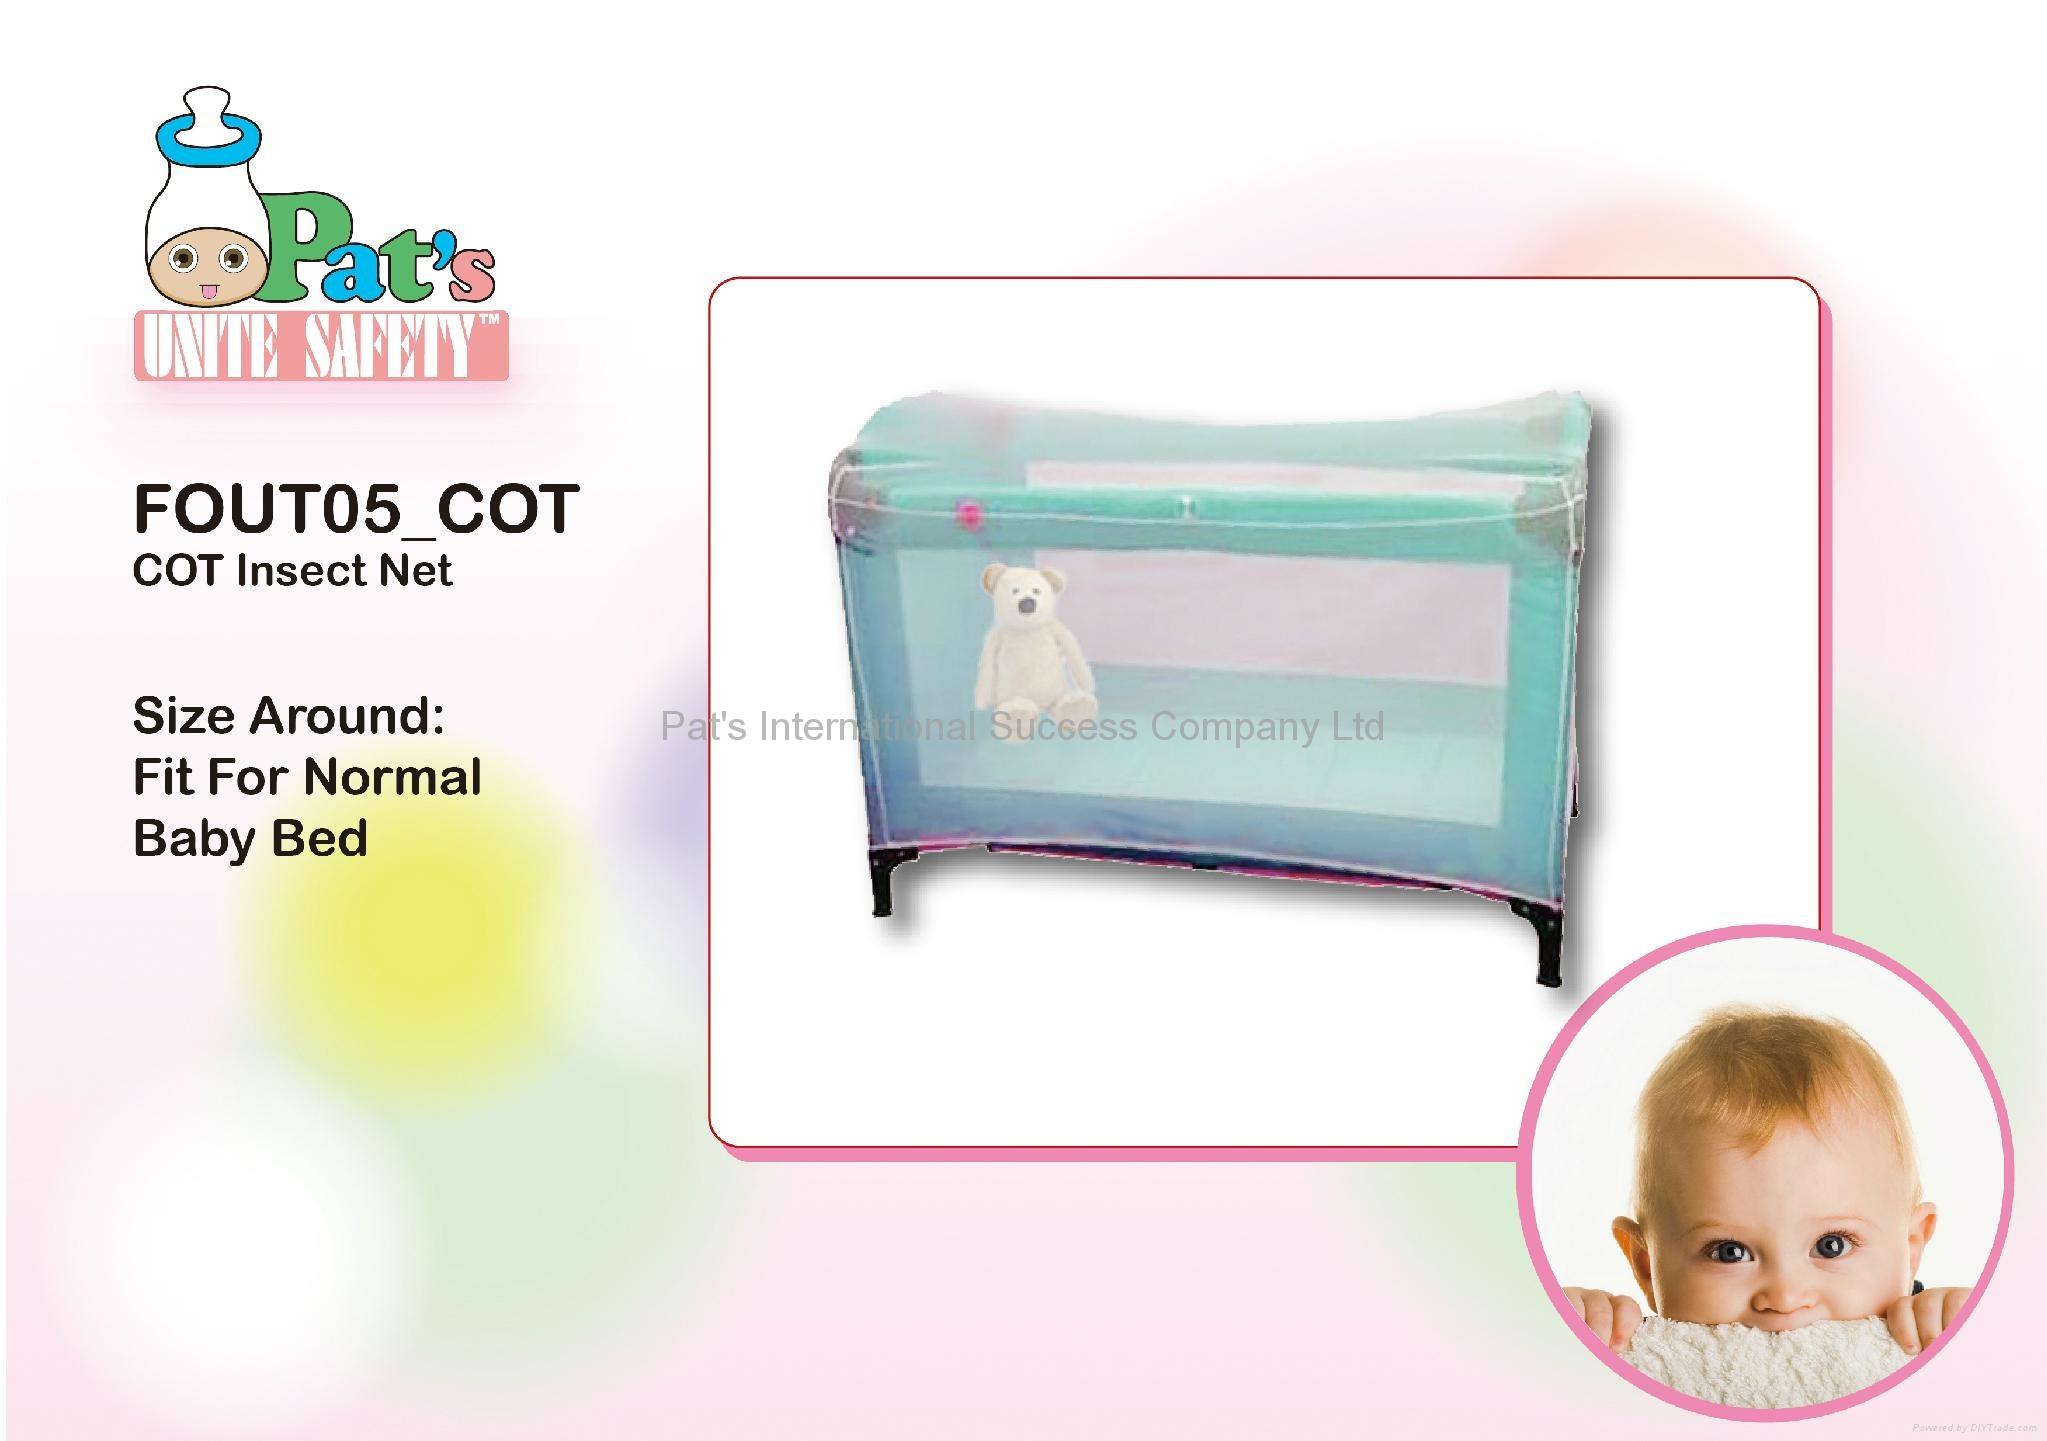 婴儿床防蚊网